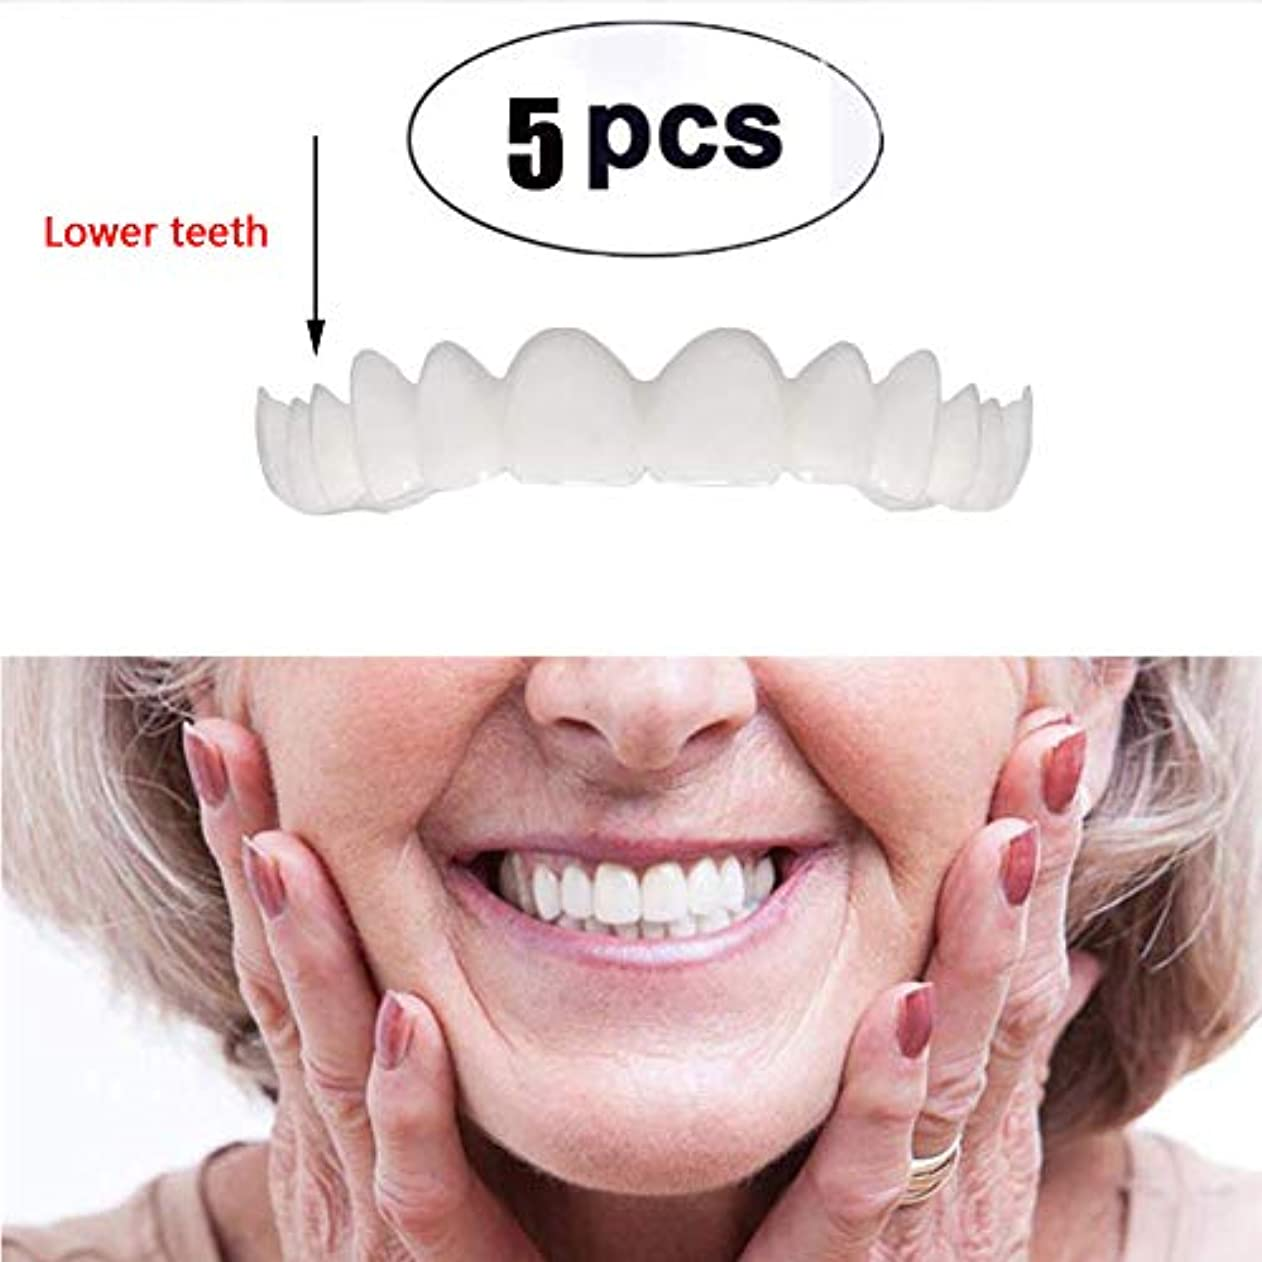 5ピース下の歯一時的な化粧品の歯化粧品模擬ブレースホワイトニング歯スナップキャップインスタント快適なフレックスパーフェクトベニア